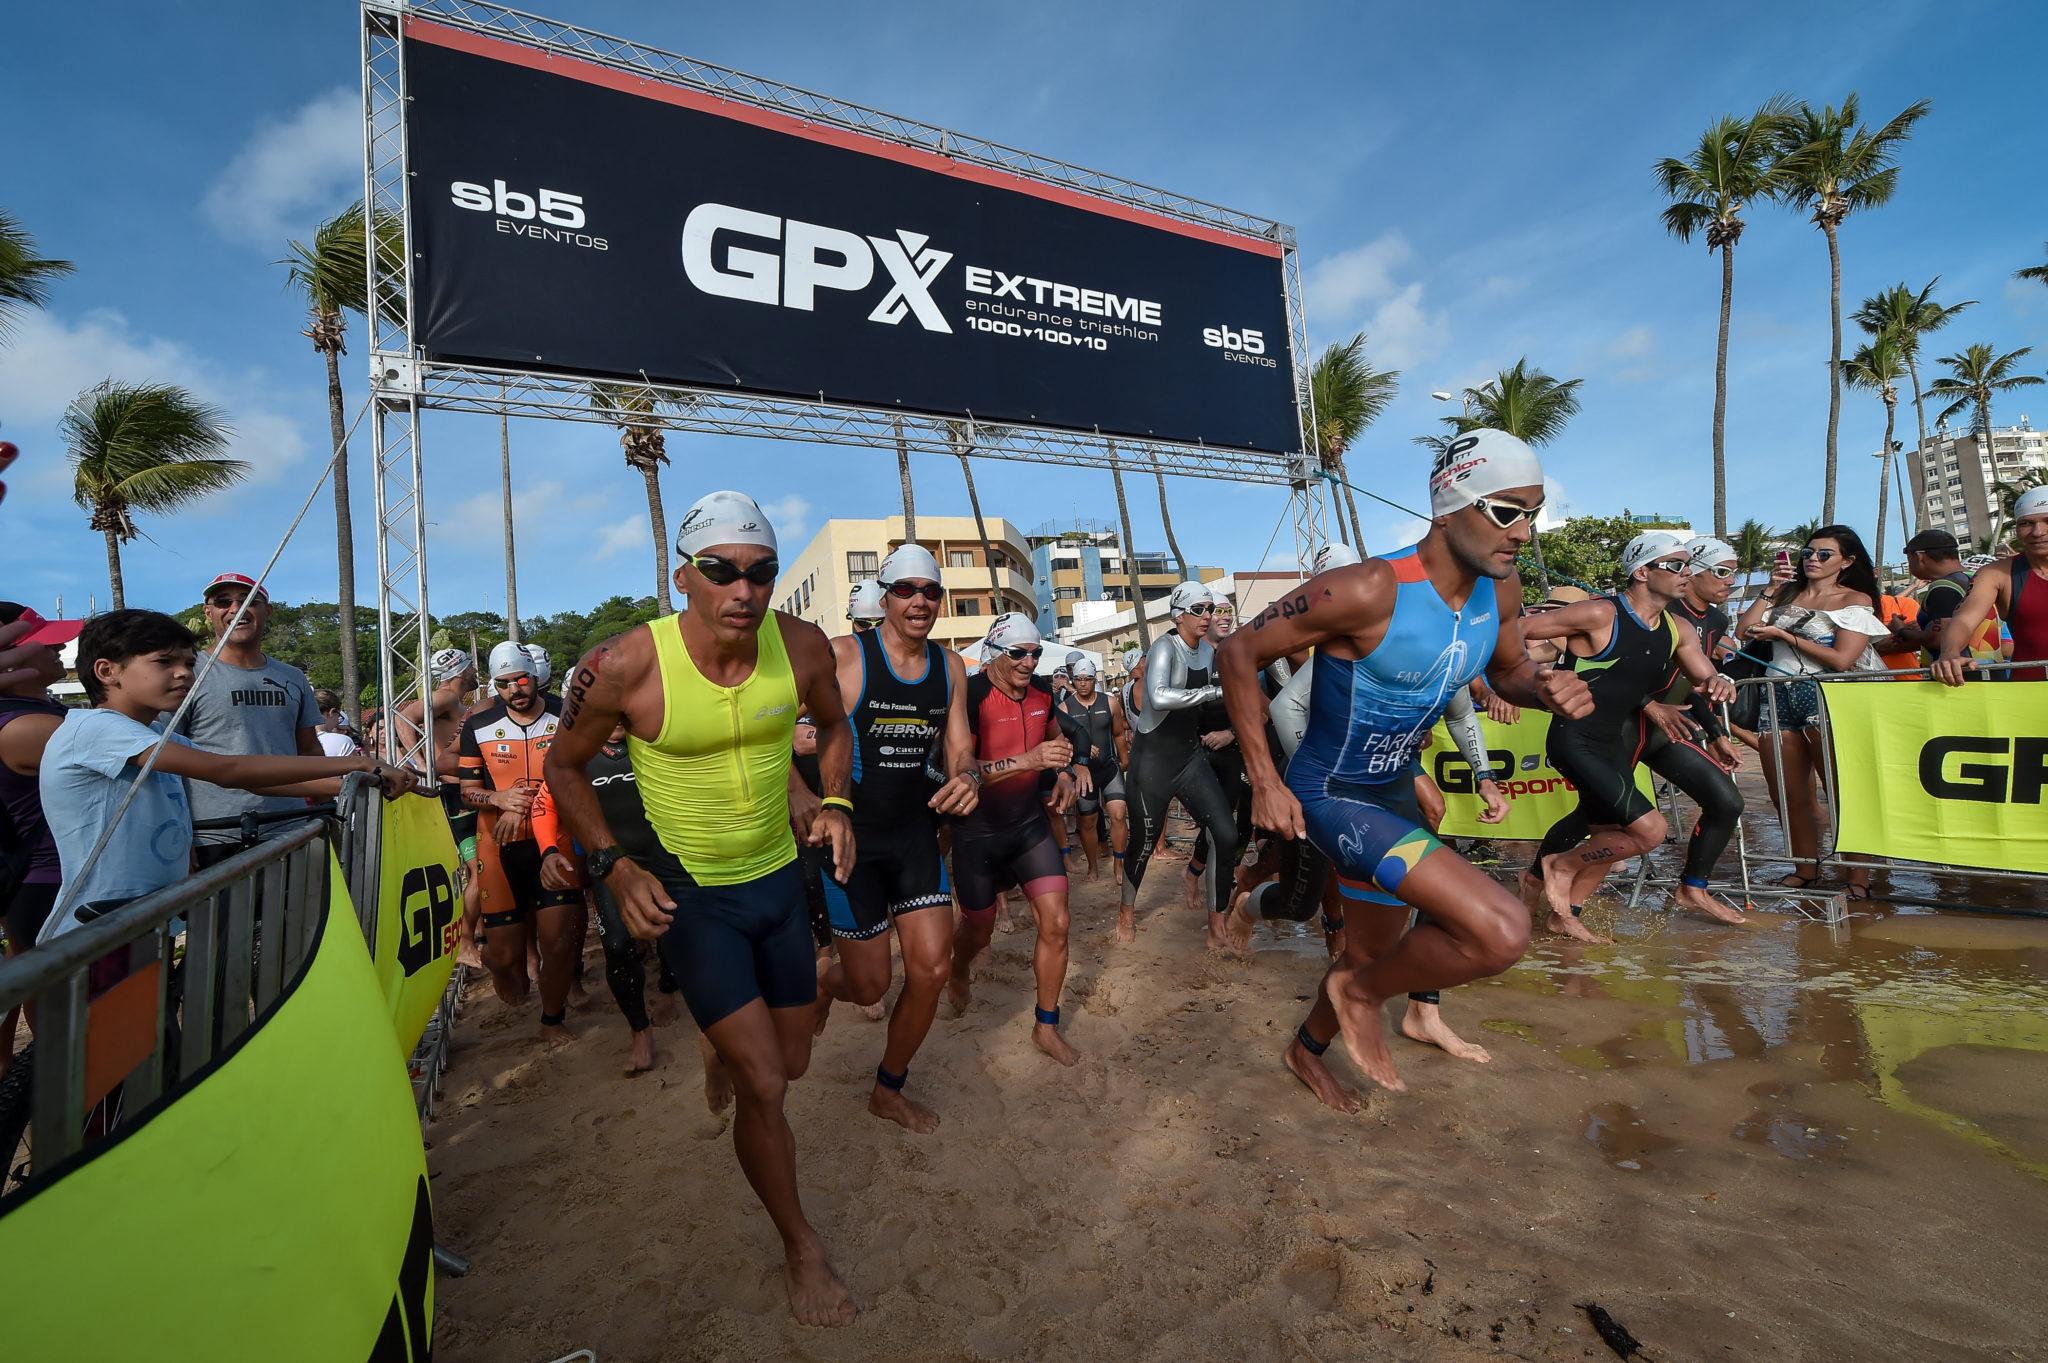 Prova acontece dia 7 de abril na capital paraibana, local onde o GPX estreou no Nordeste em 2017 - Fotos: Wagner Araújo